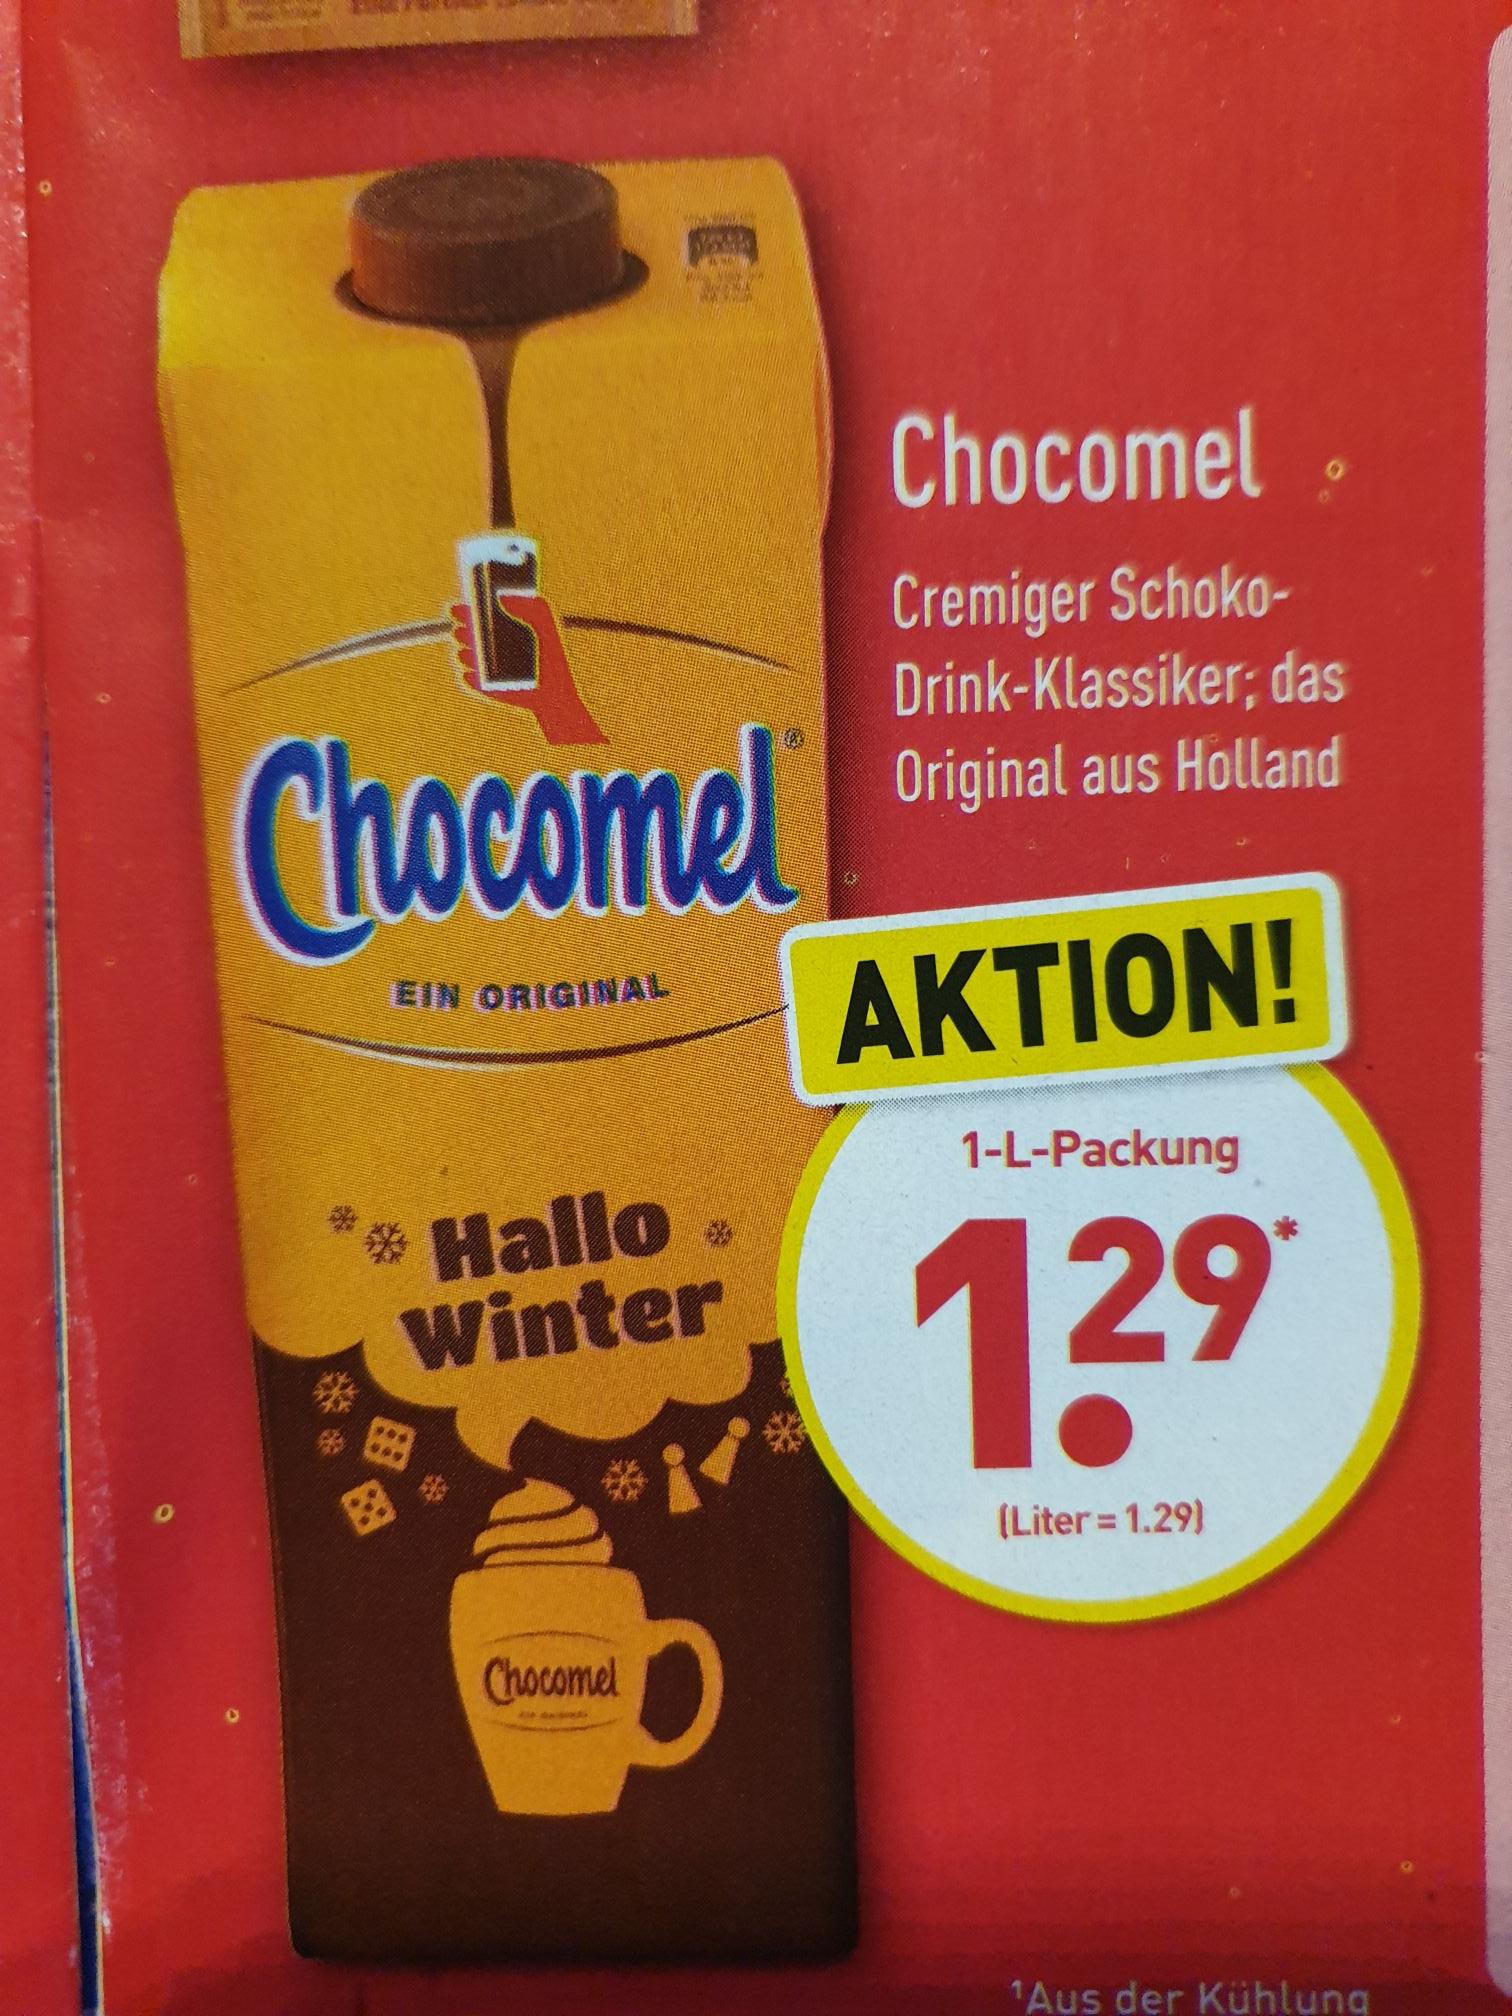 Chocomel Das Original aus Holland Freitag und Samstag bei Aldi-Nord